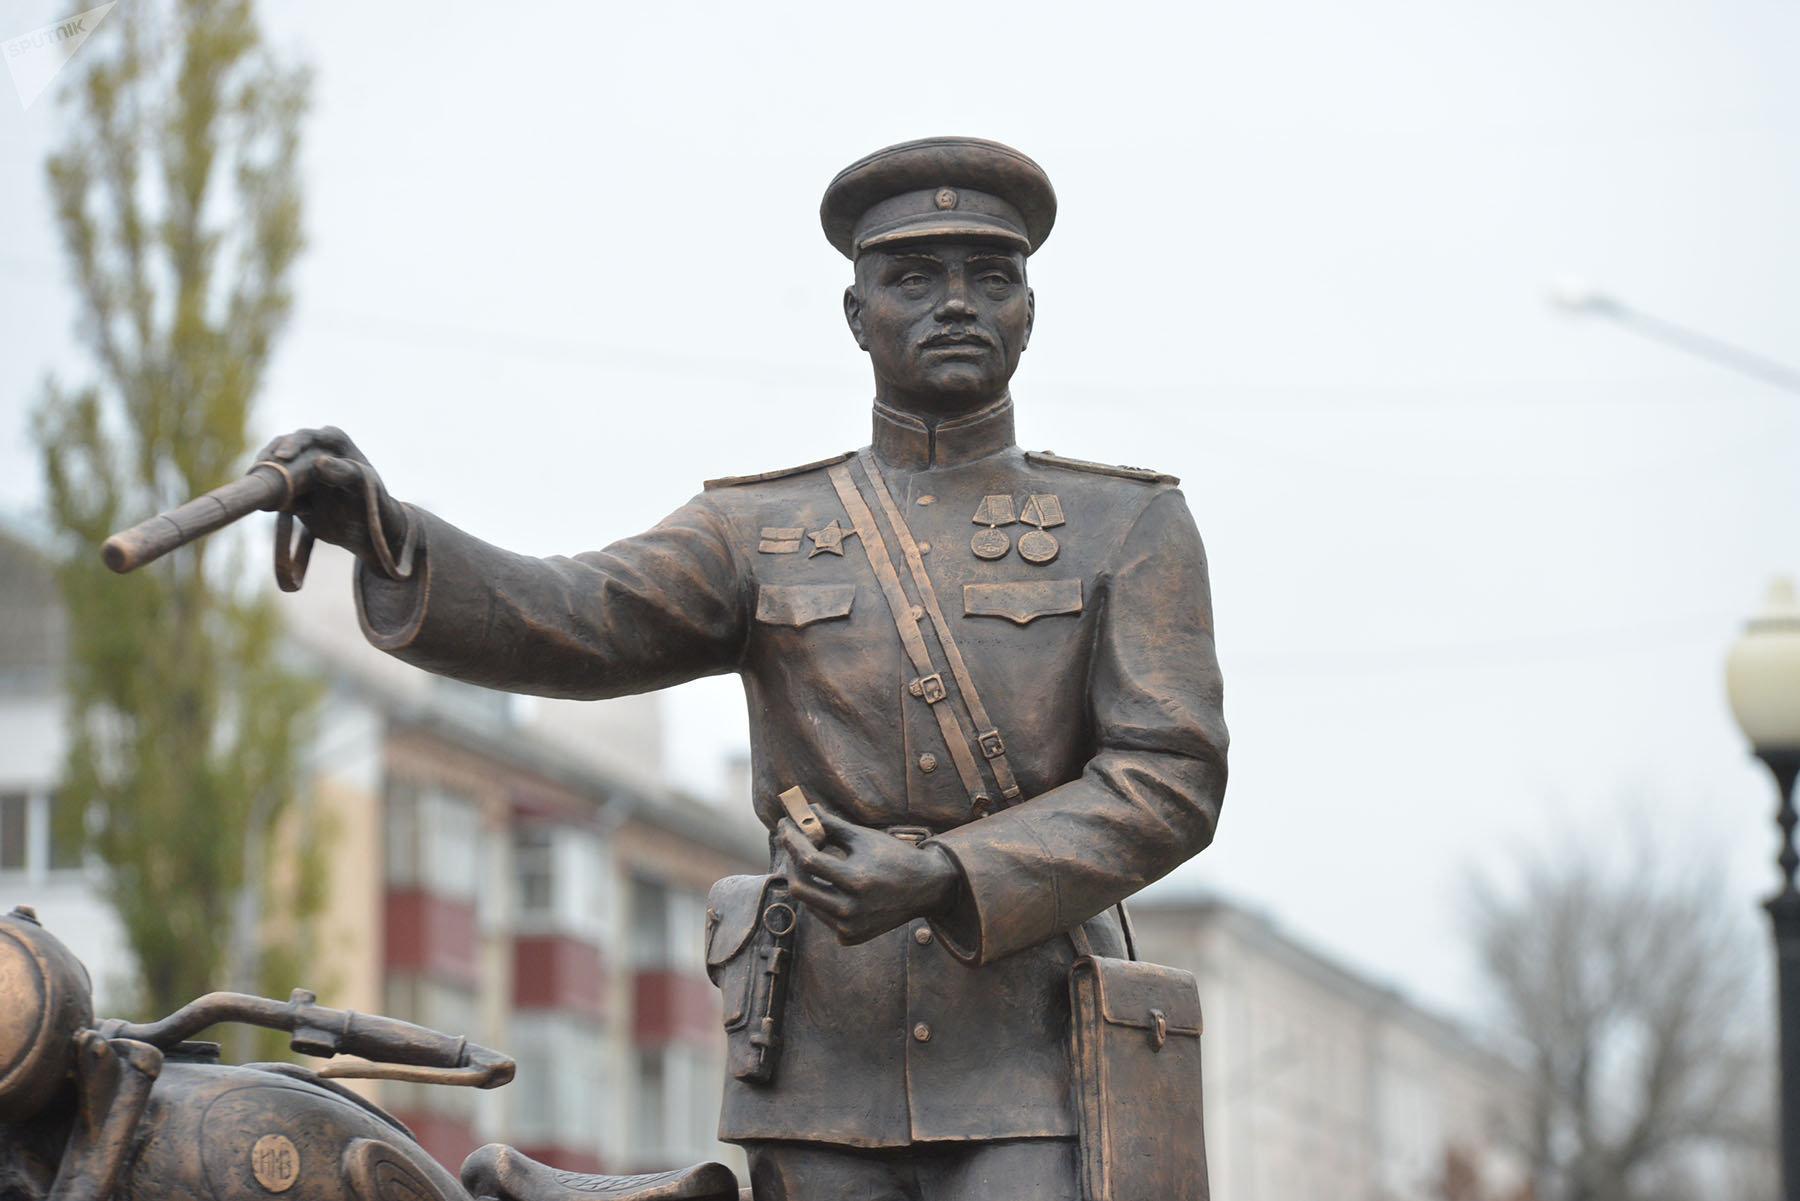 Установленная в Гомеле скульптура - это собирательный образ милиционера 1950-х